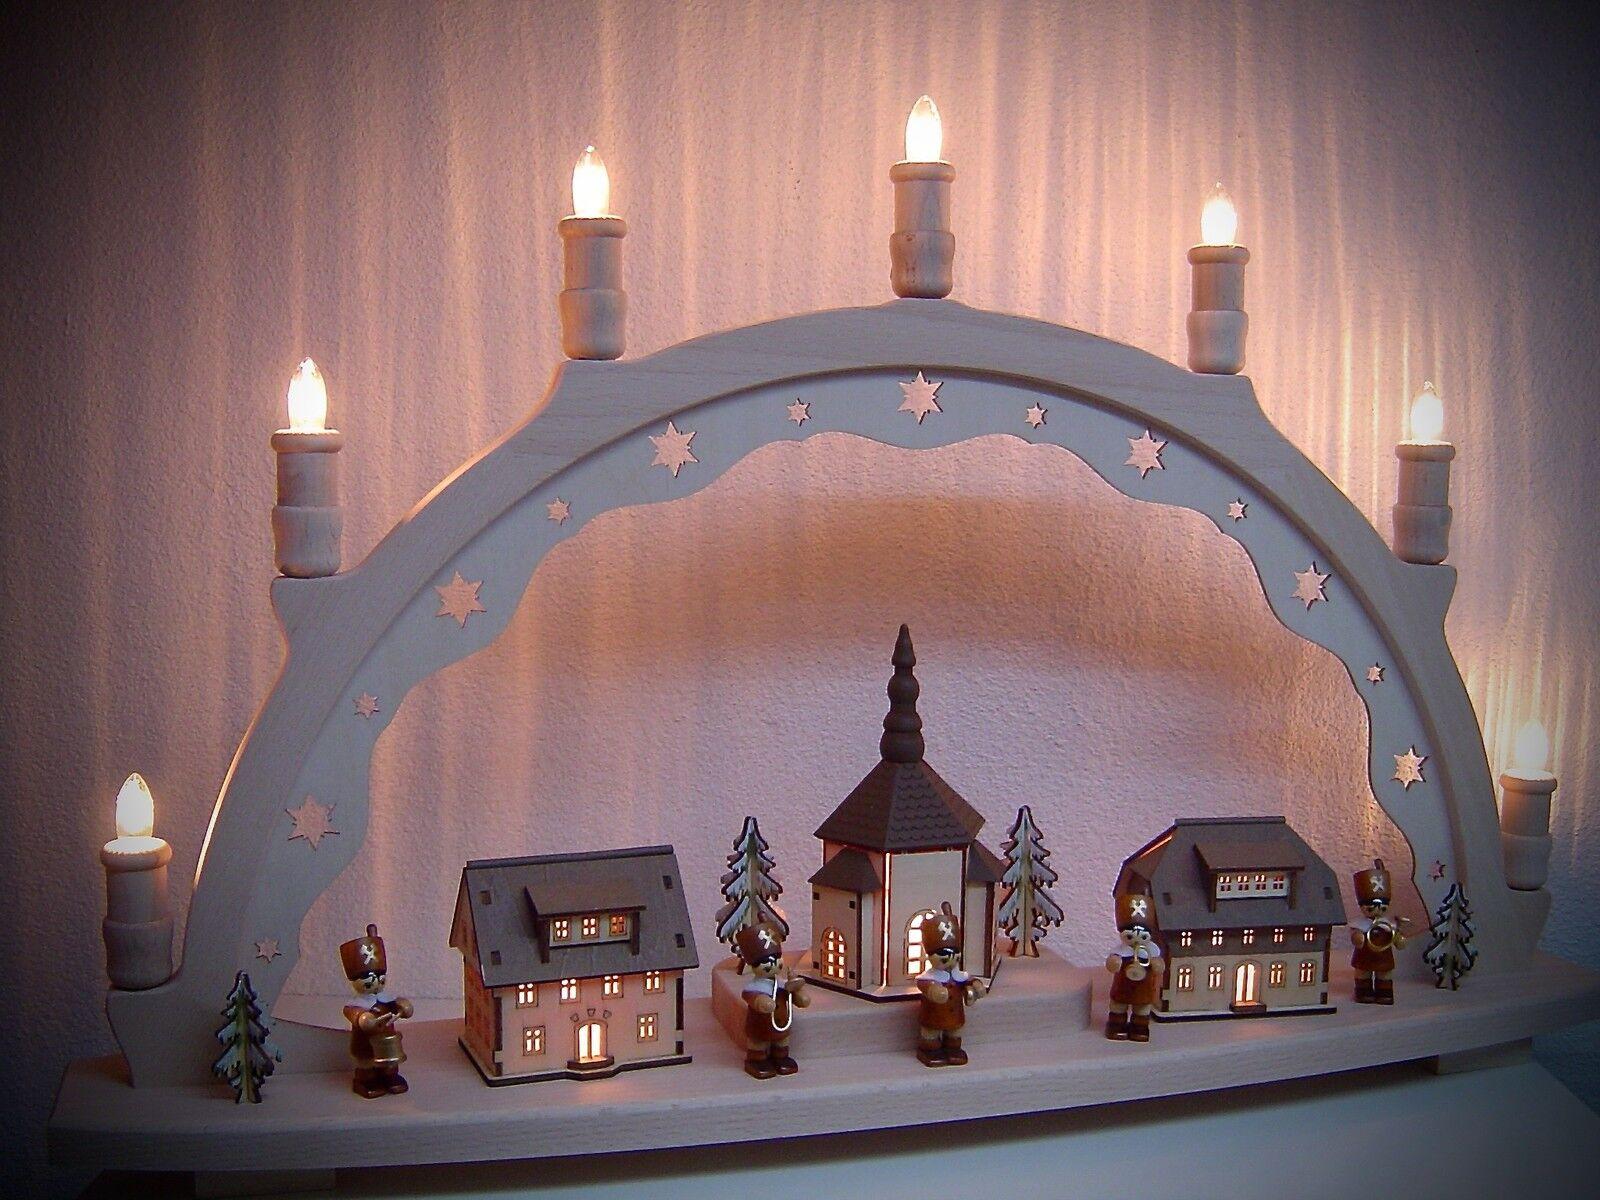 Lumières Arc Schwibbogen 3d Bergmann Chapelle avec 5 Zombie 66x41 cm 10204